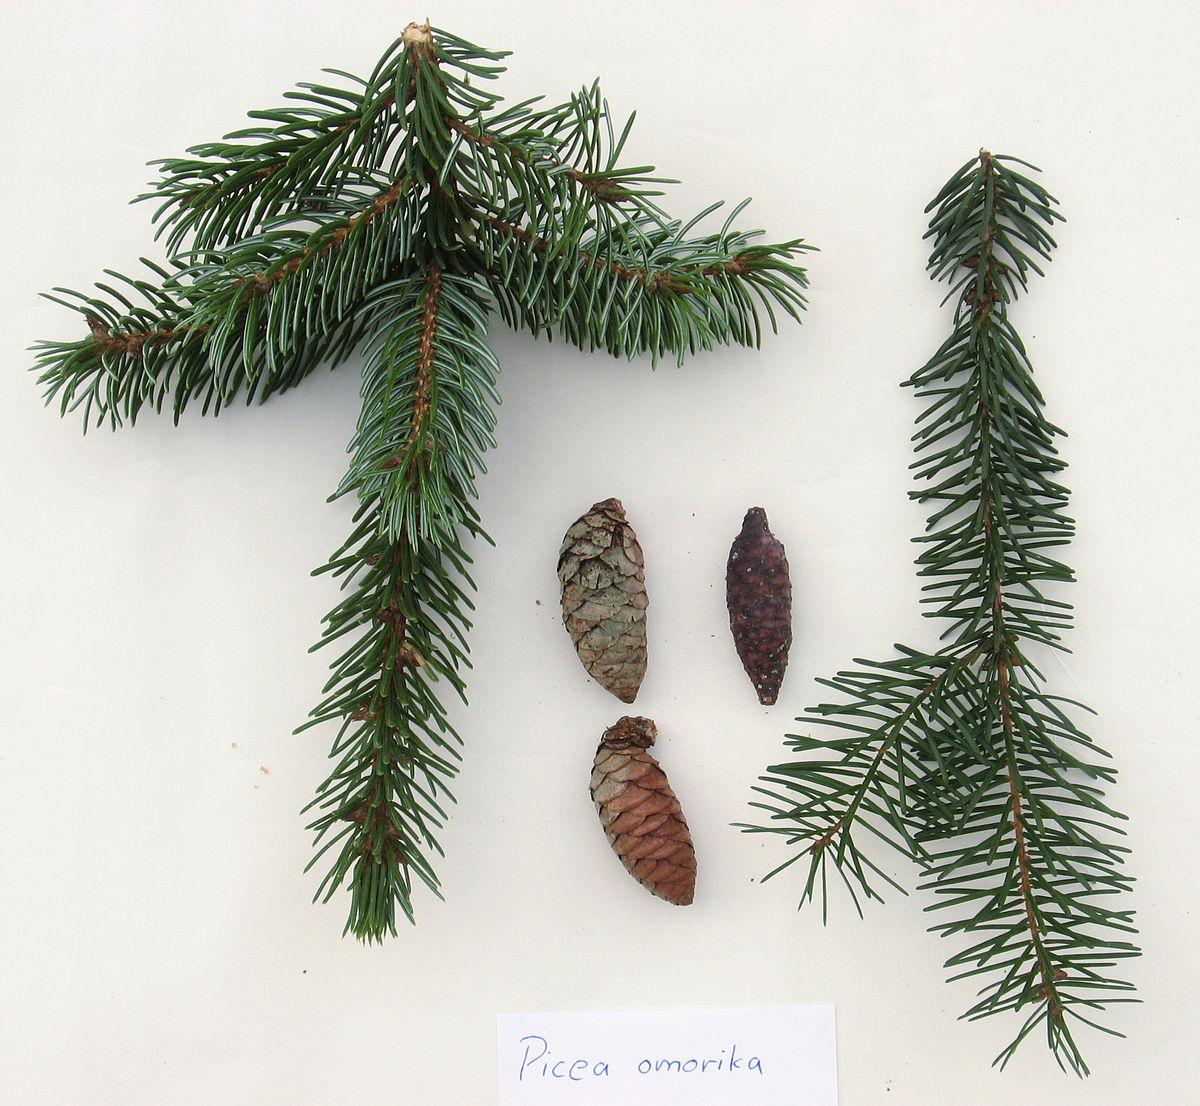 tanne kaufen colorado tanne weihnachtsbaum kaufen my blog. Black Bedroom Furniture Sets. Home Design Ideas